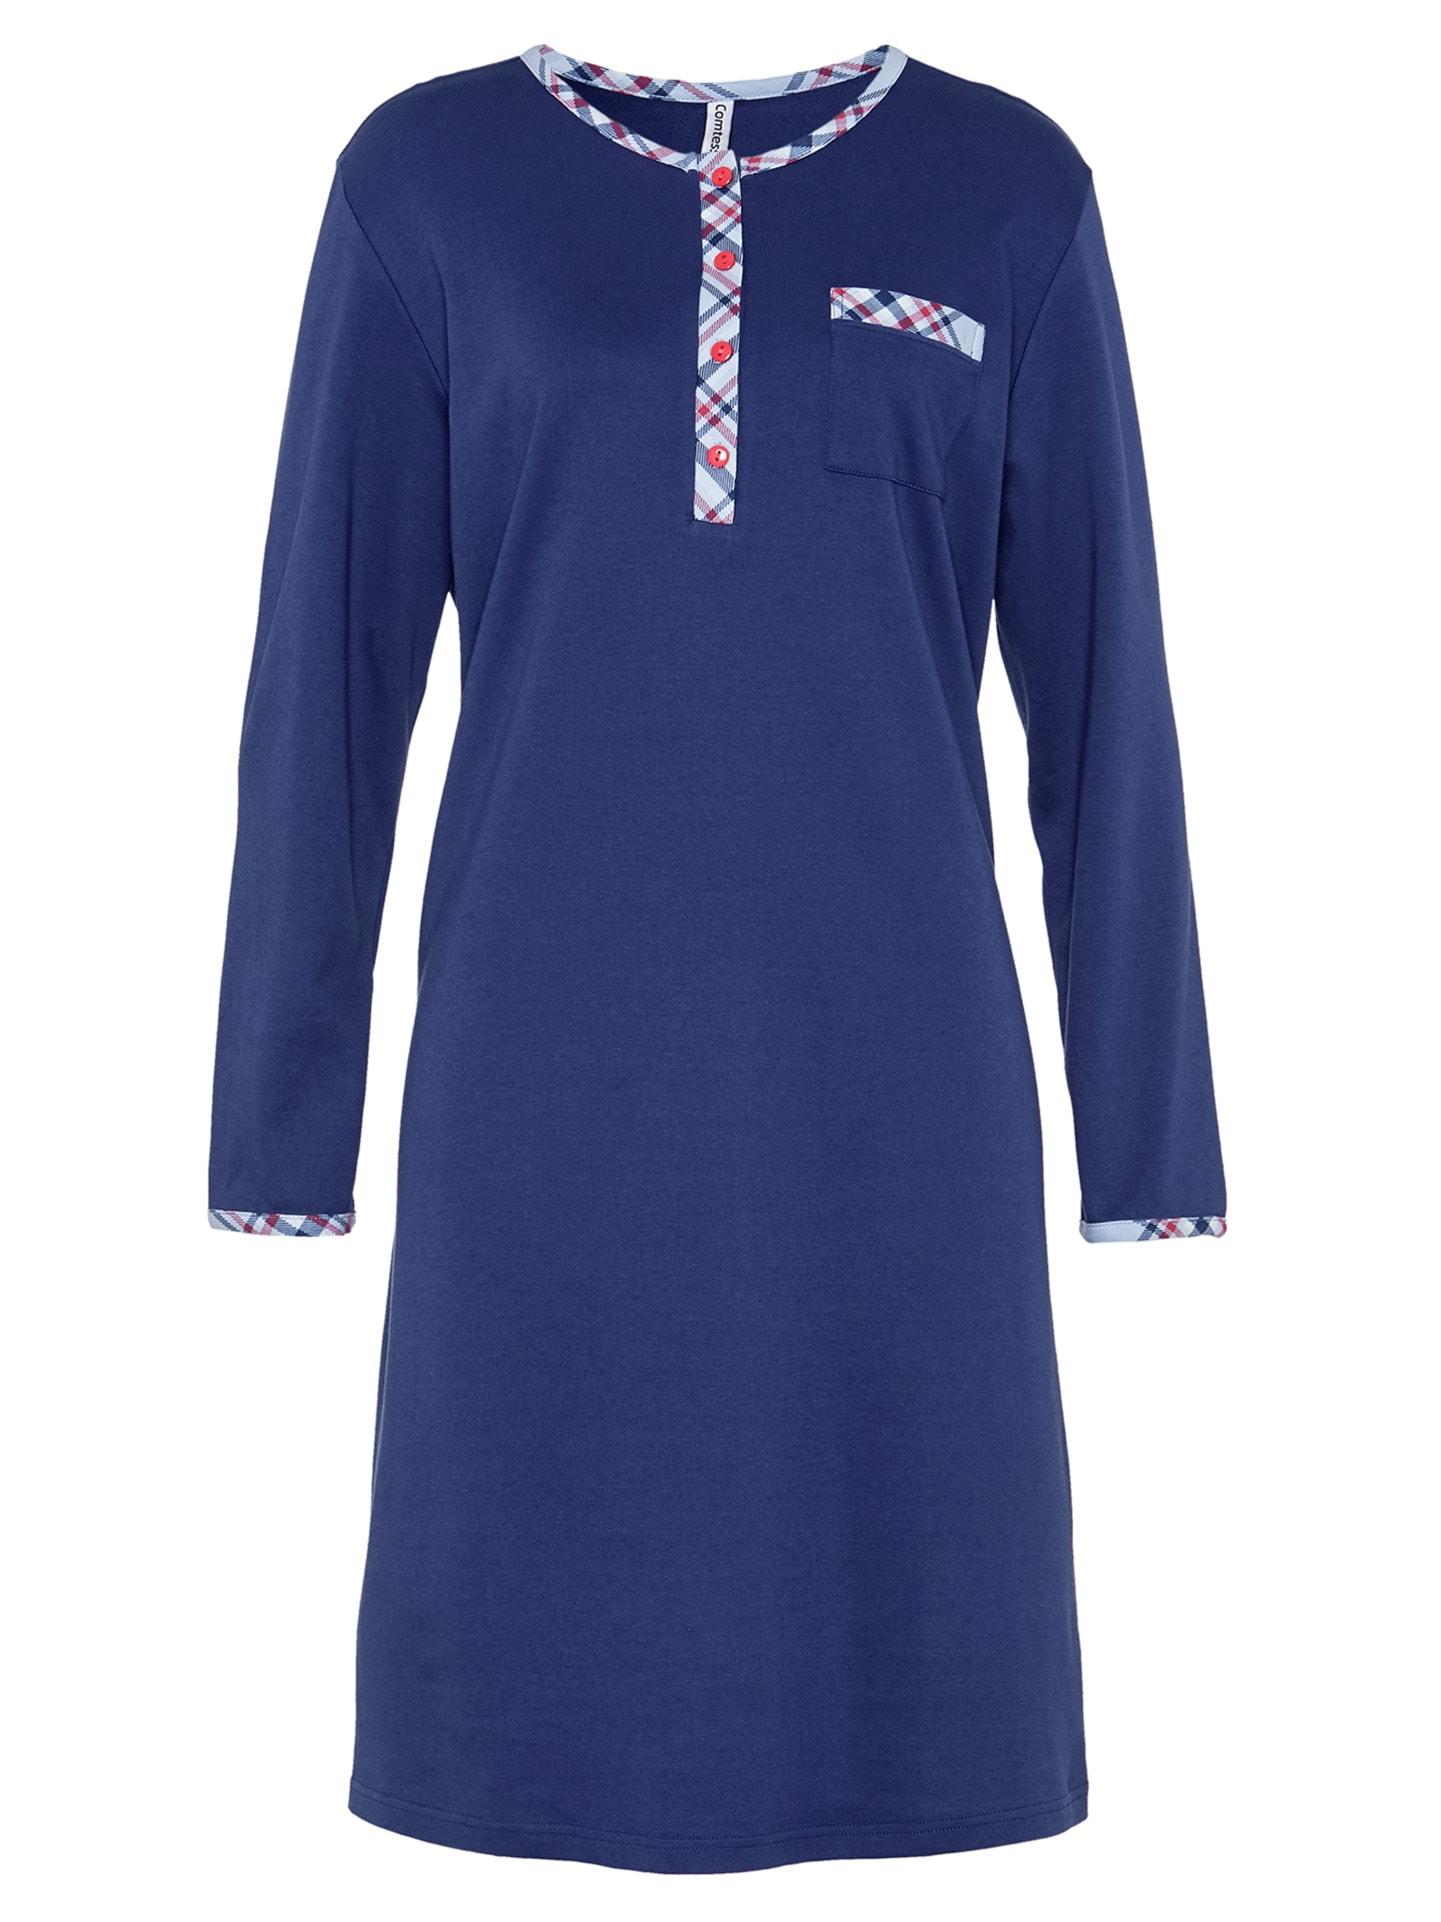 Avena Damen Baumwoll-Nachthemd Wintersoft Blau 42-5893-9